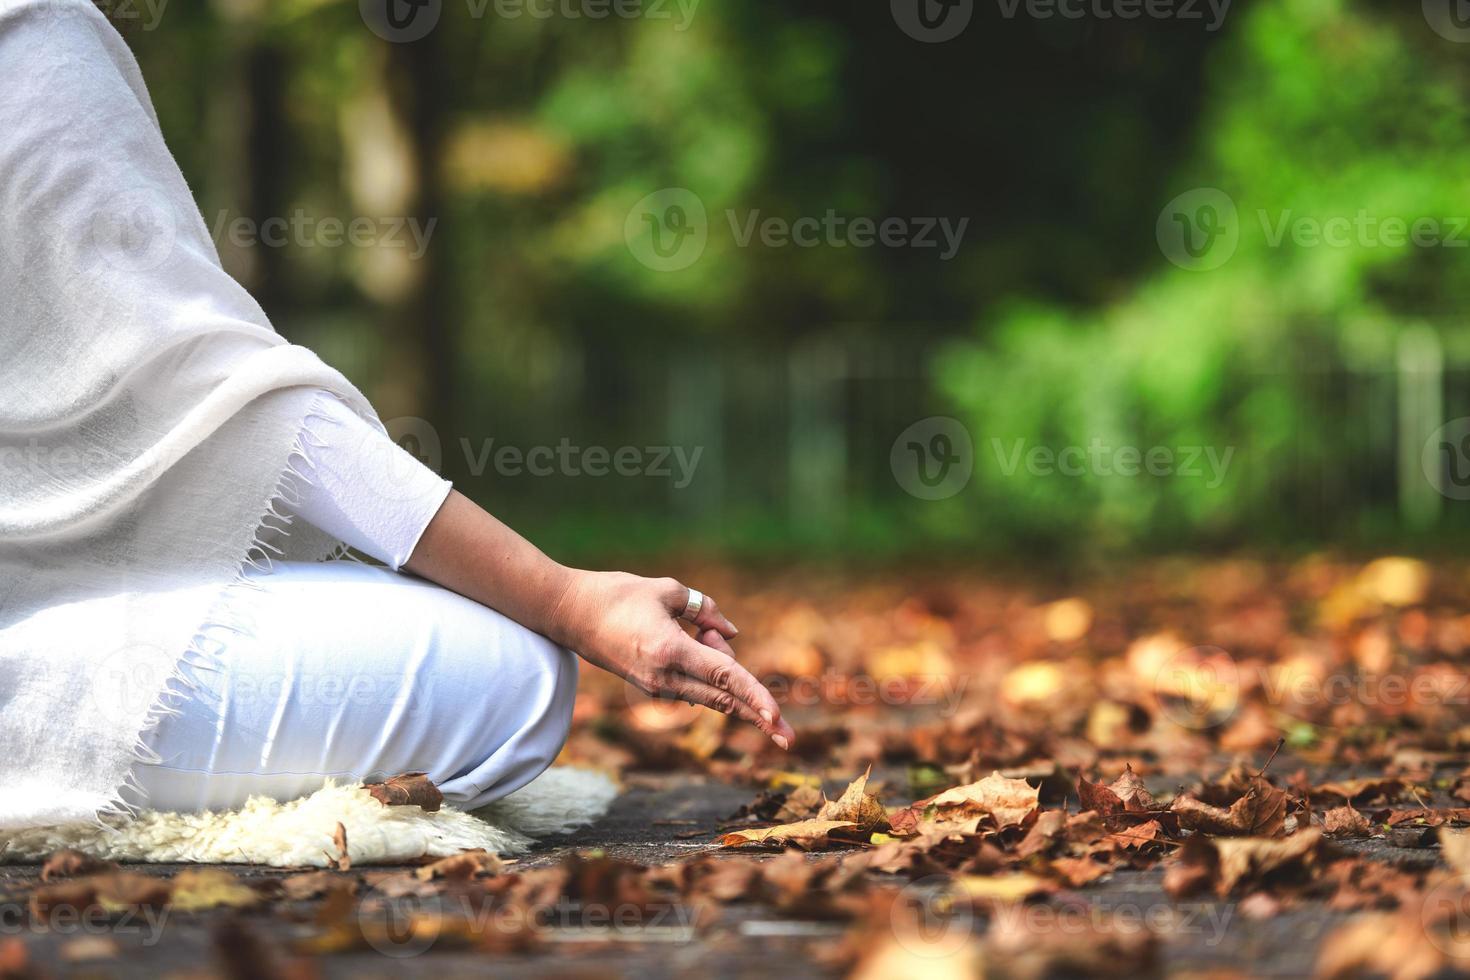 posizione yoga durante una sessione nella natura autunnale foto